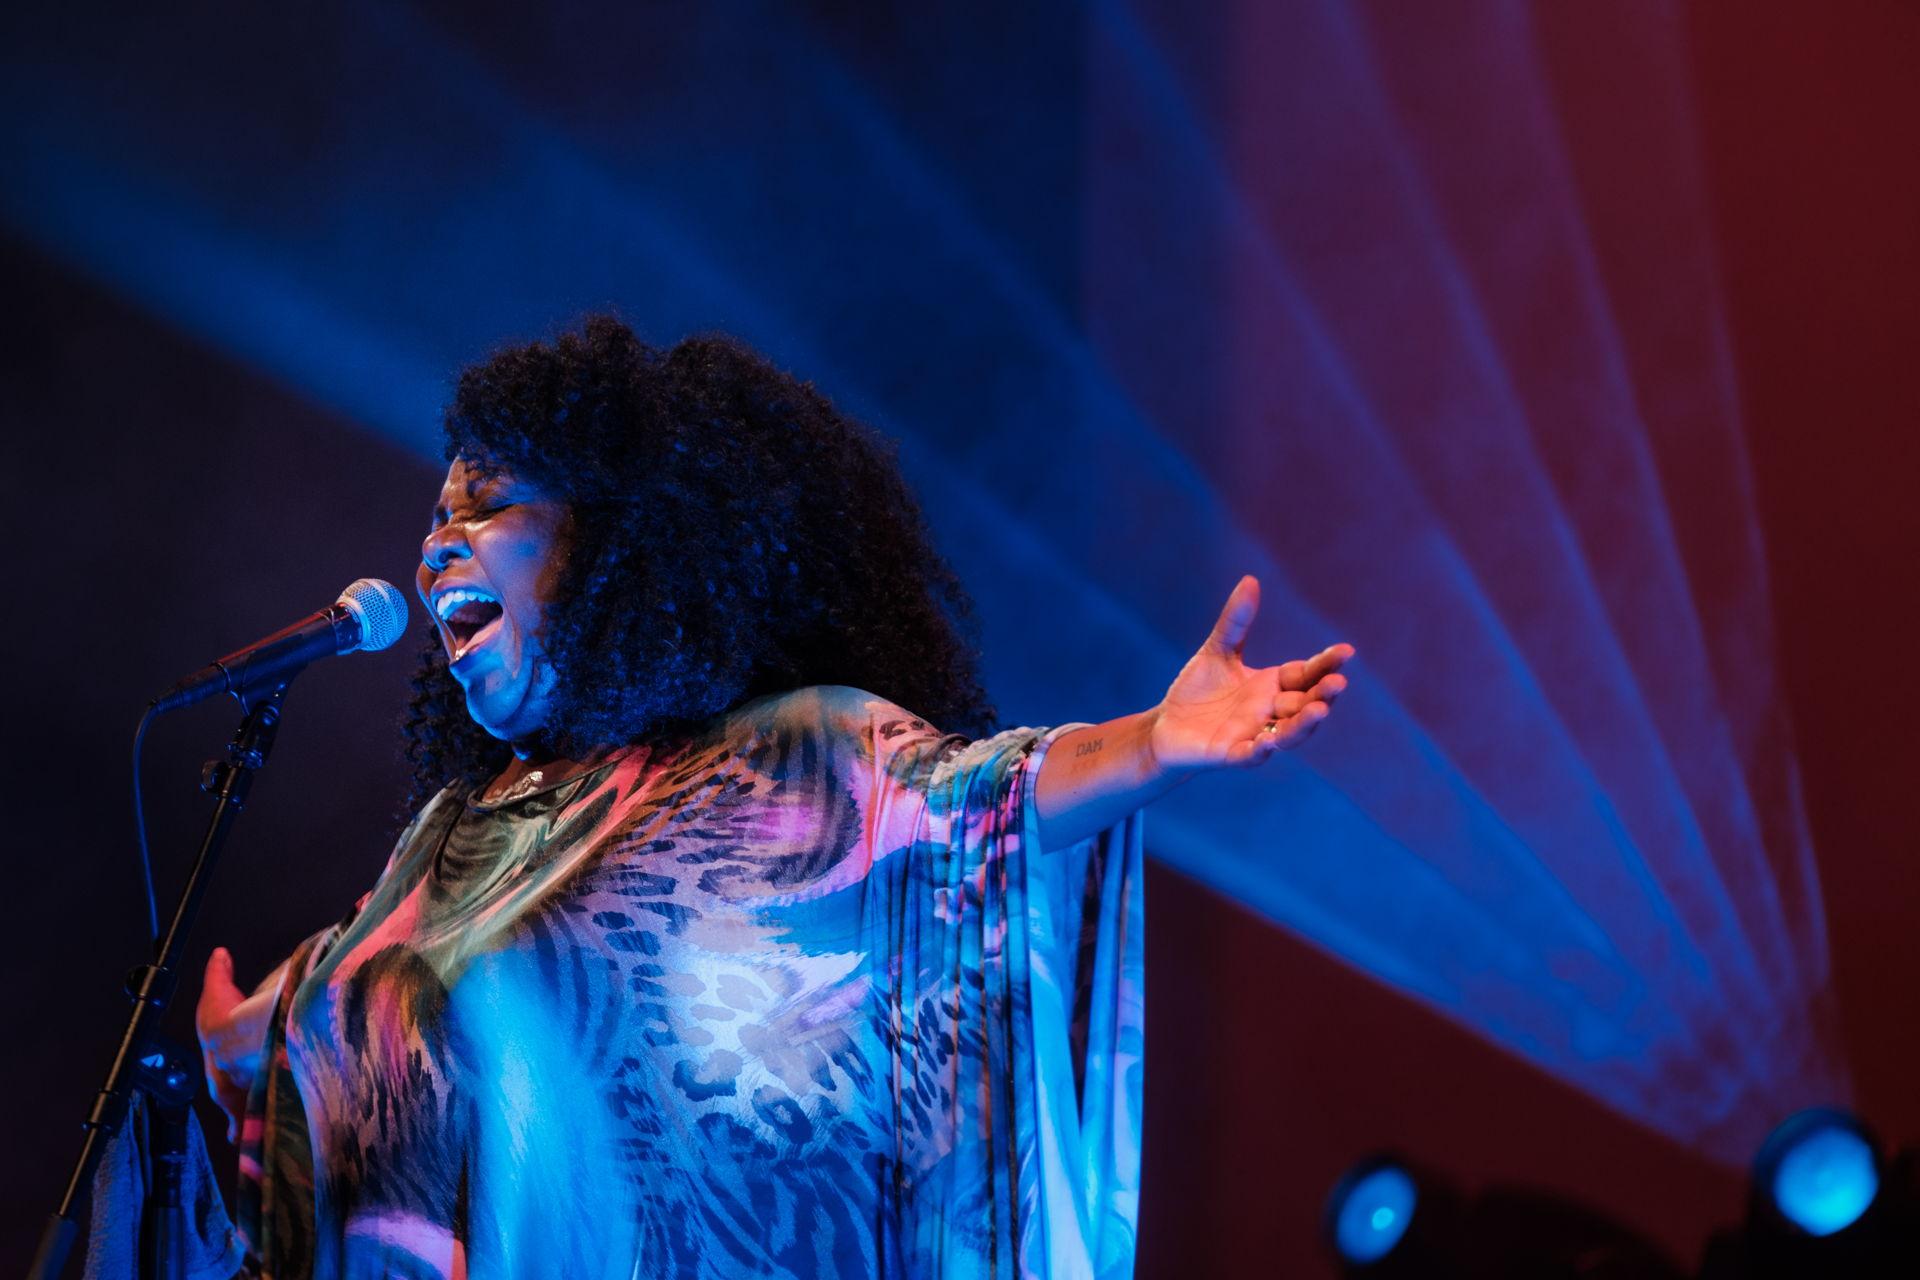 Michelle David & the True-tones speelden op 10 september 2021 een tuinconcert in Hoogeveen. Het concert vond wegens slecht weer binnen plaats.